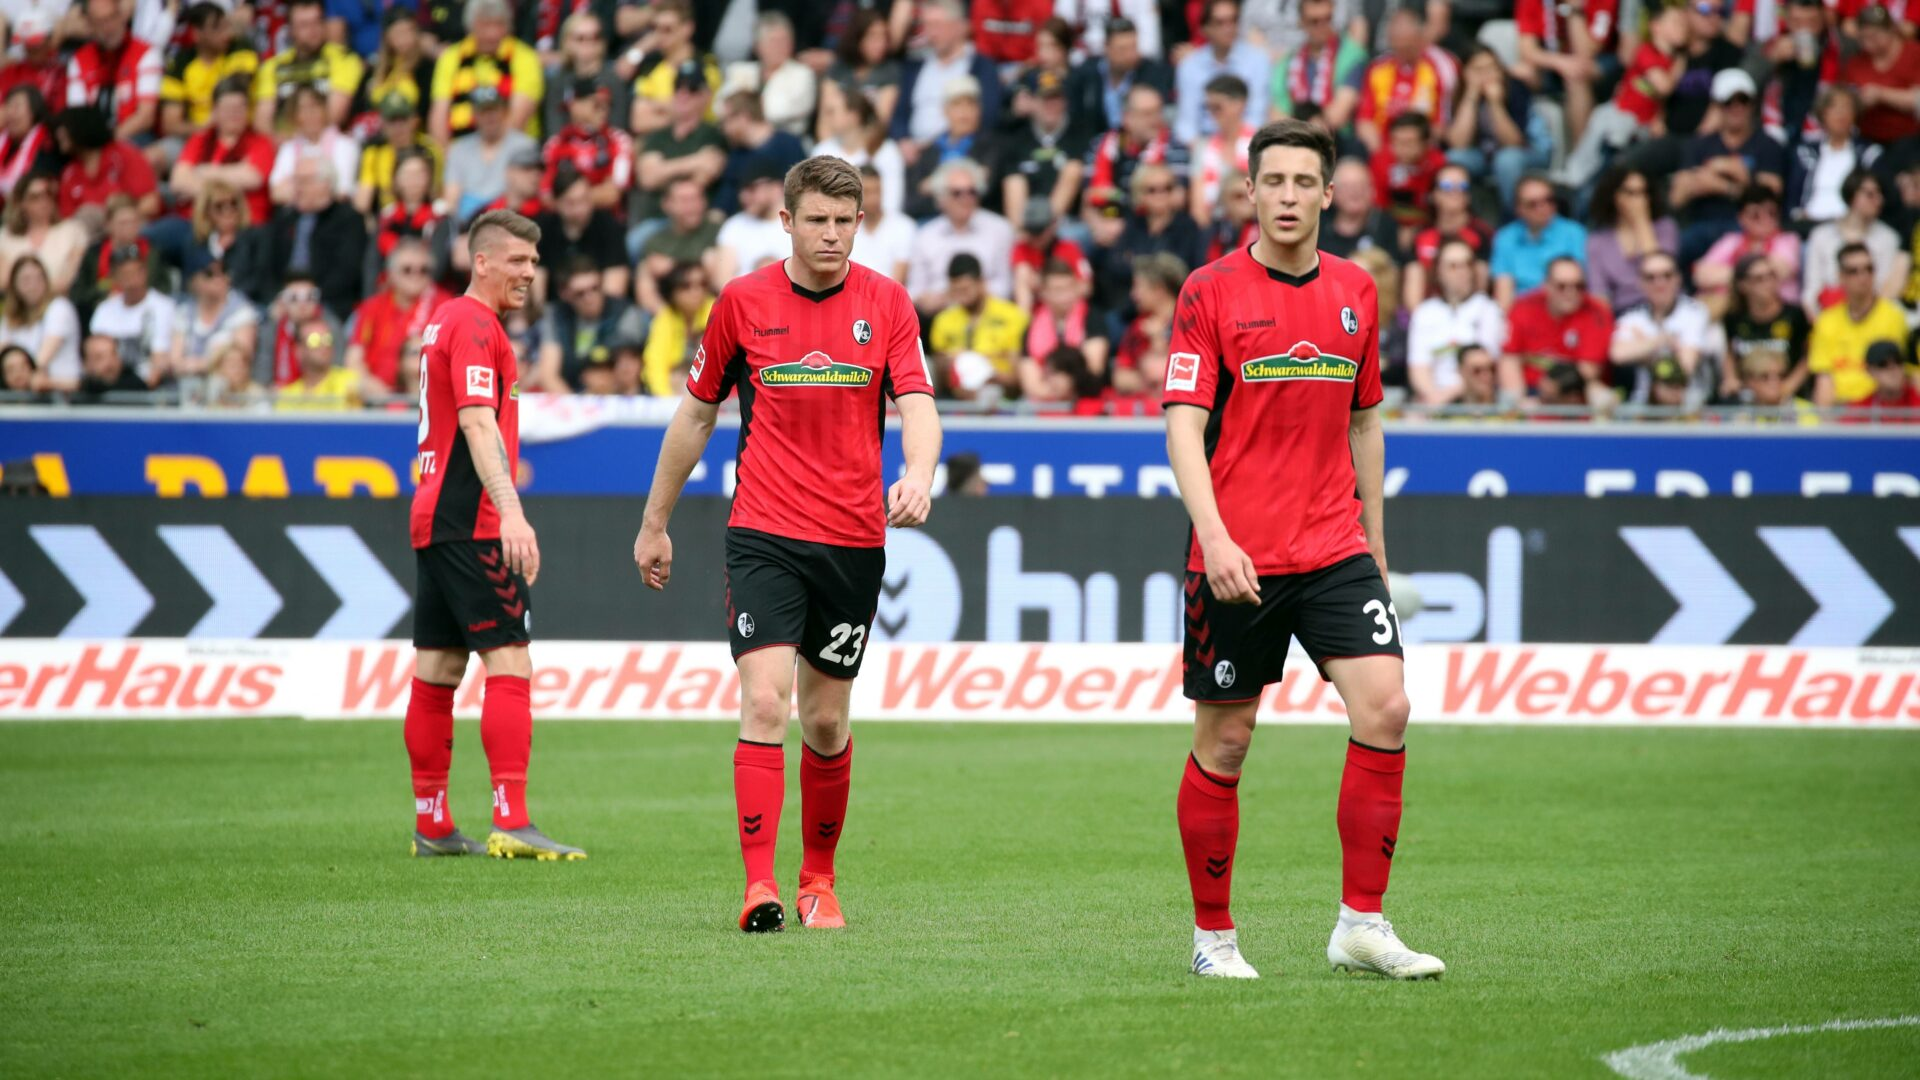 Dominique Heintz und Keven Schlotterbeck kurz vor Anpfiff eines Heimspiels des SC Freiburg.